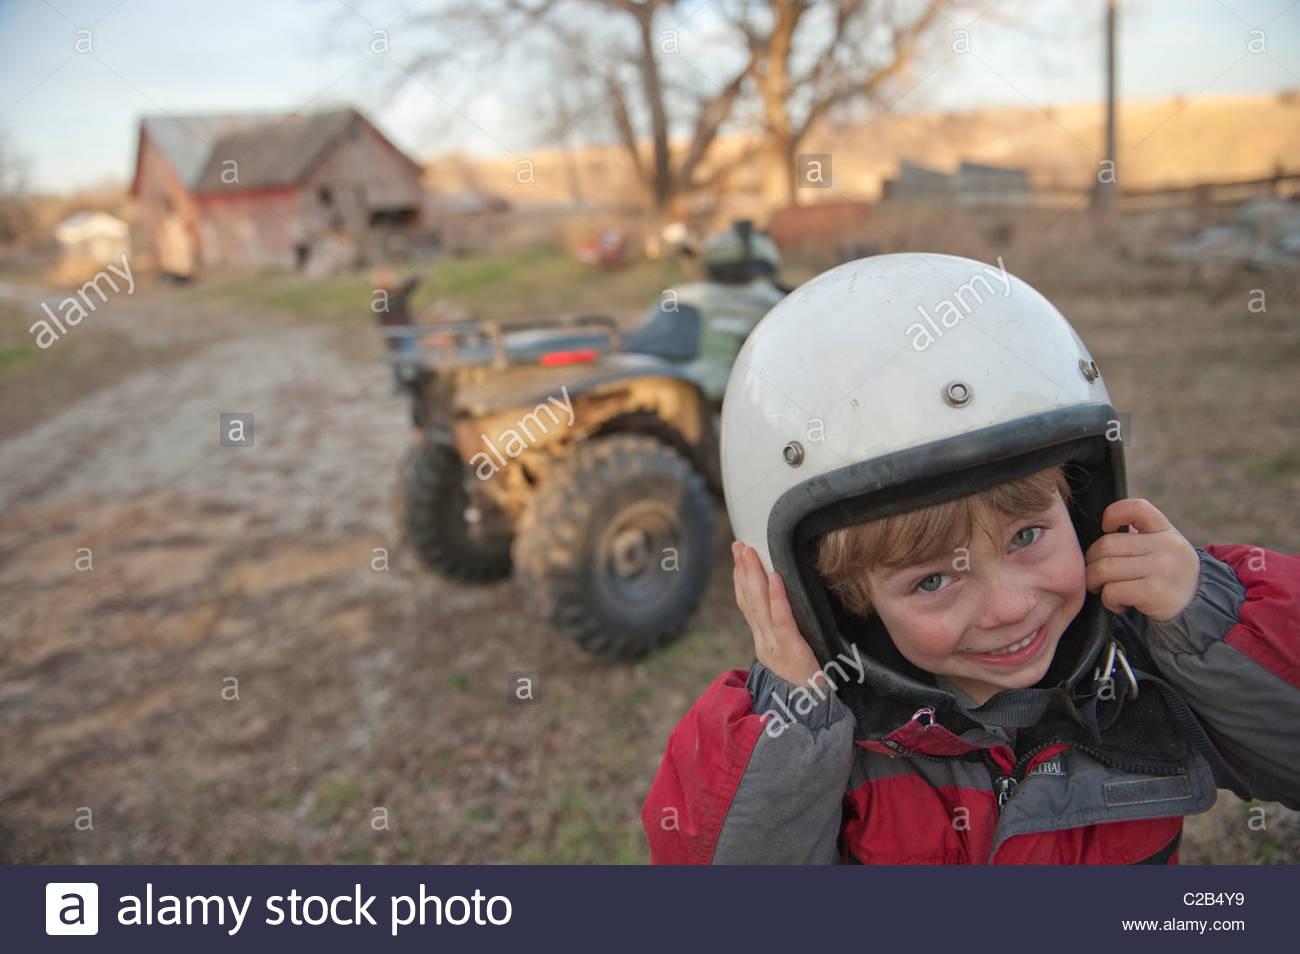 Un jeune garçon portant un casque de protection sur une ferme à Dunbar, Nebraska. Photo Stock